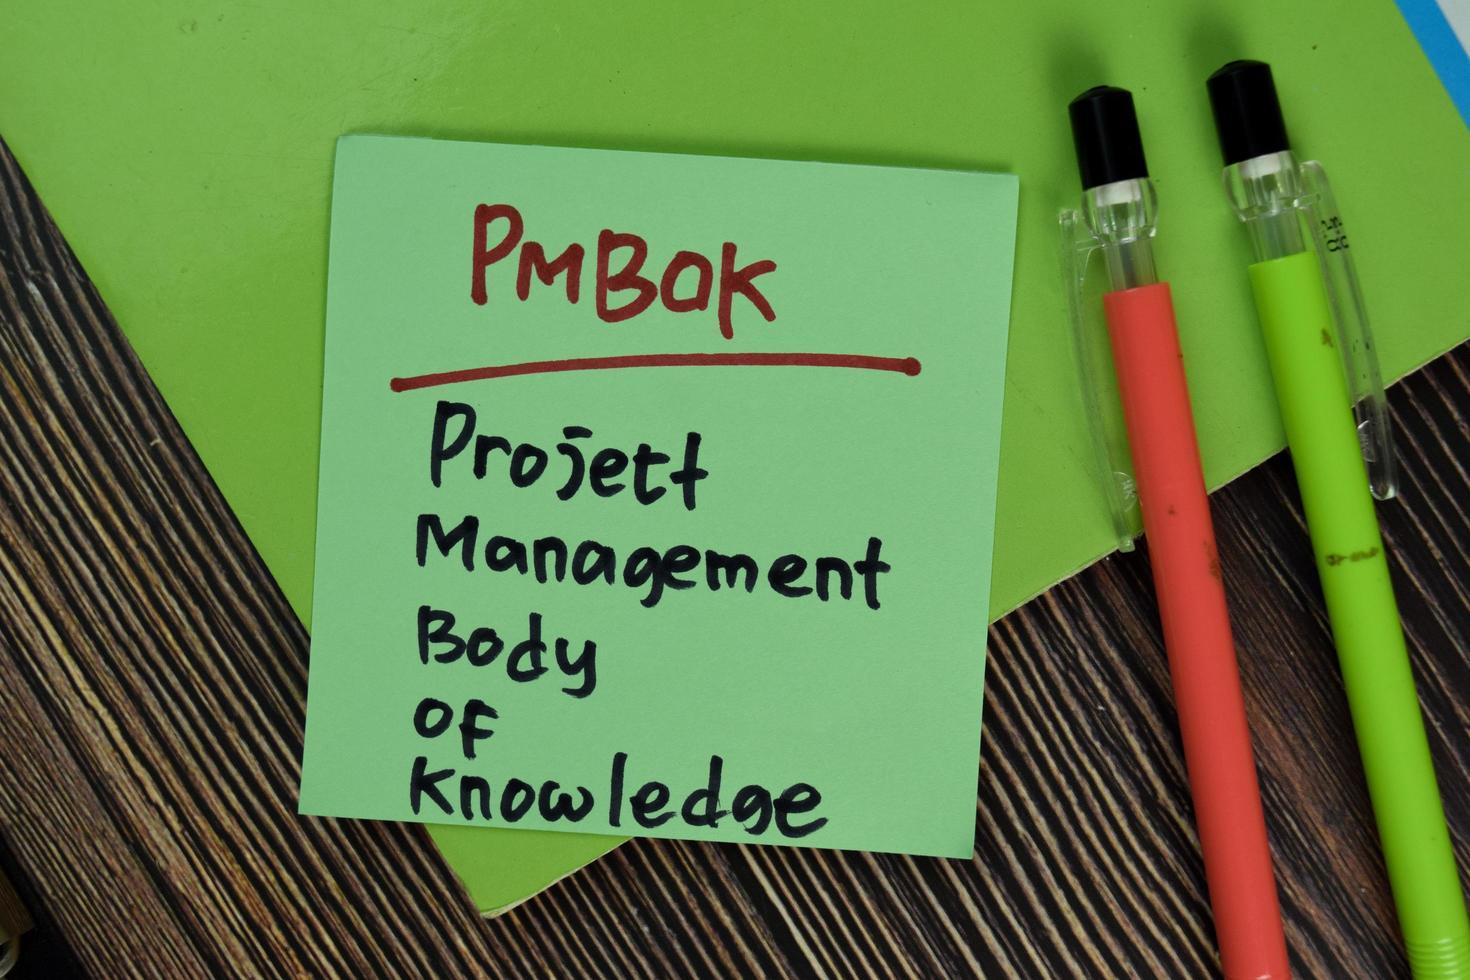 pmbok - cuerpo de conocimientos de gestión de proyectos escrito en una nota adhesiva aislado en la mesa de madera foto